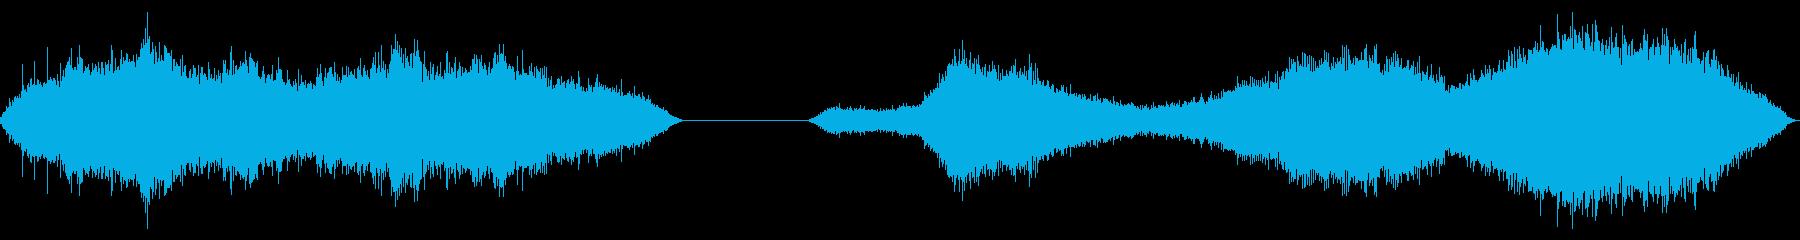 群衆、ブーイング、2バージョン; ...の再生済みの波形